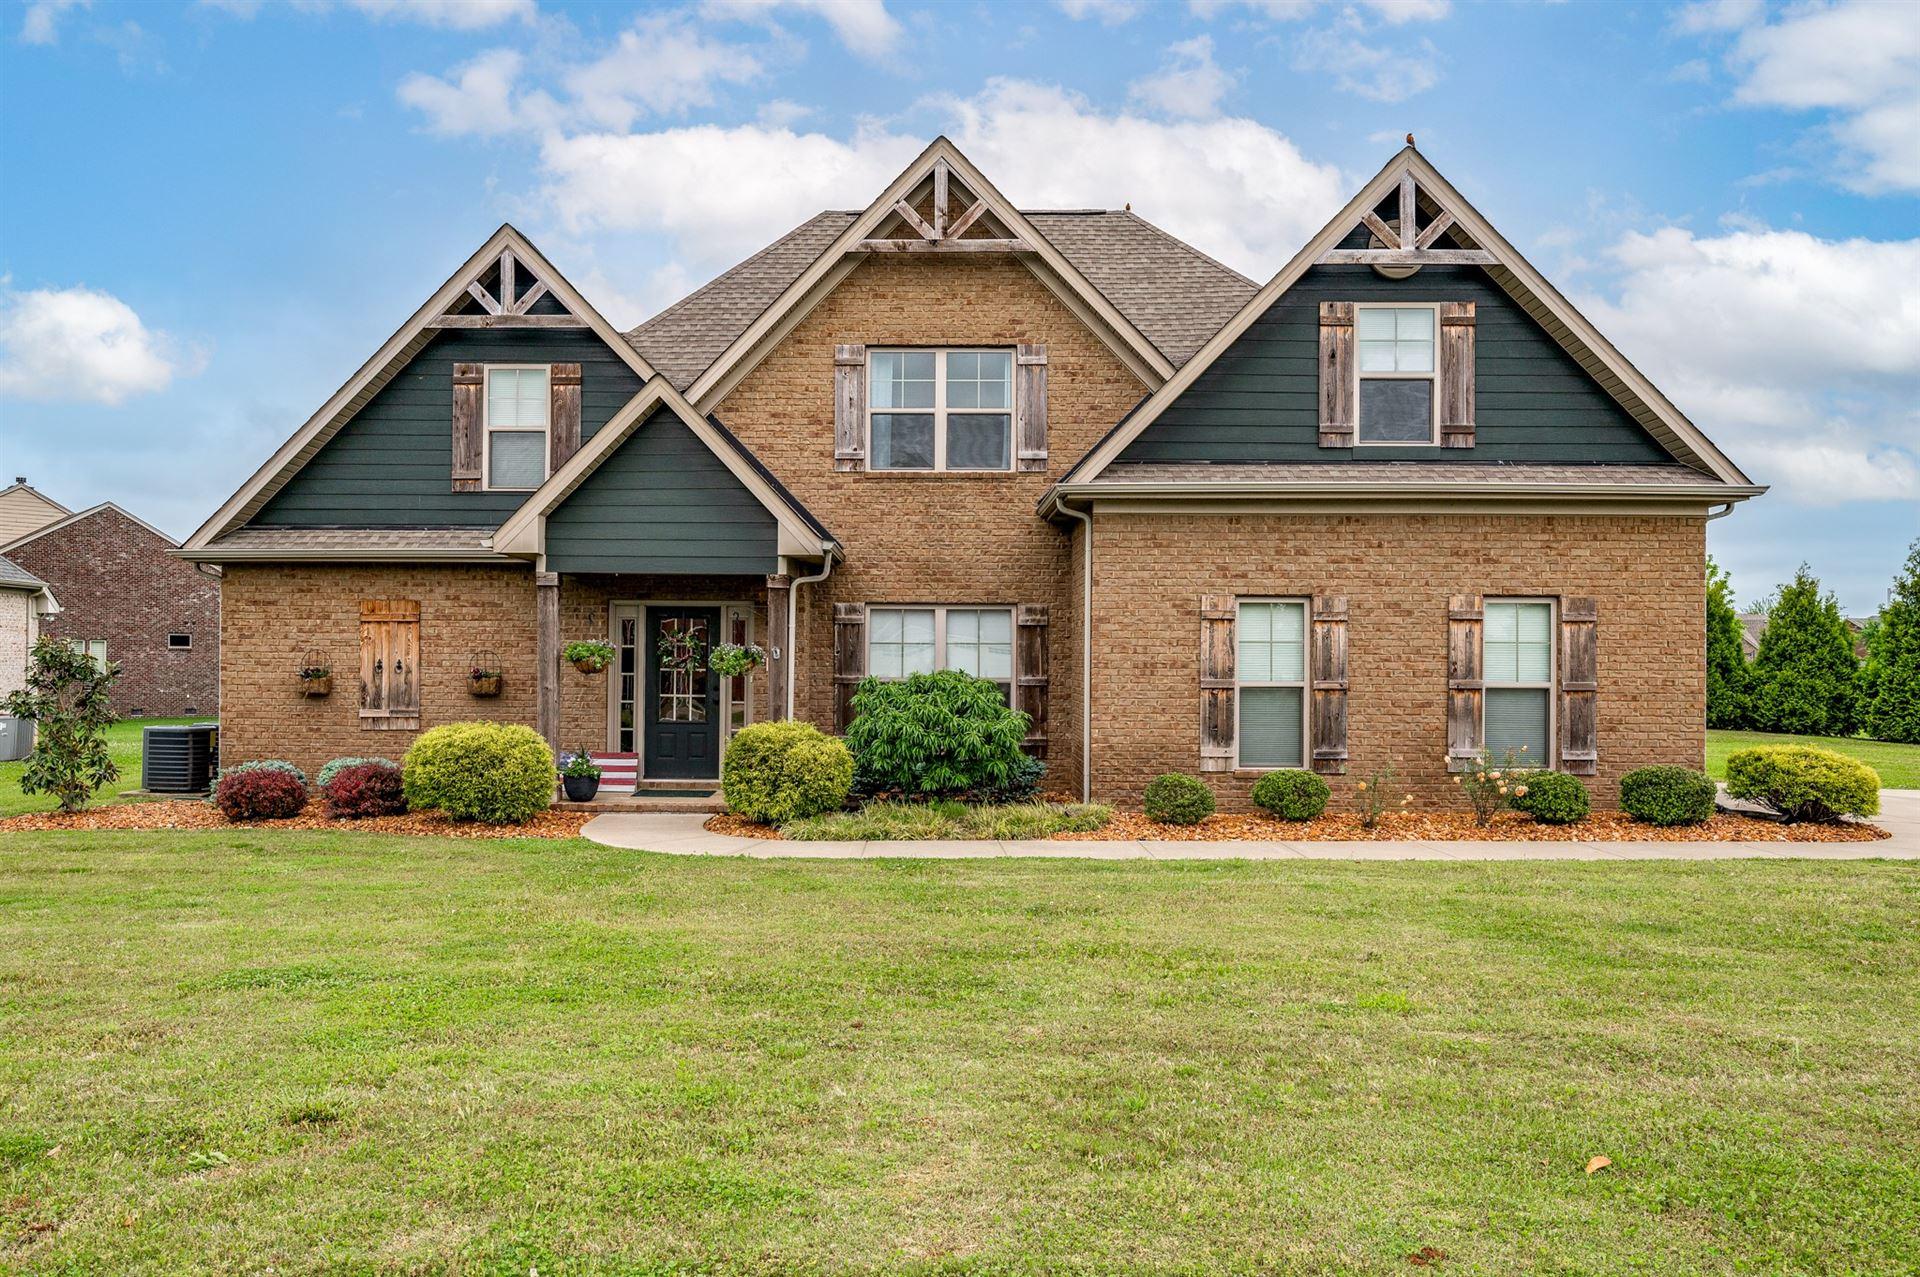 1302 Sorrell Dr, Murfreesboro, TN 37128 - MLS#: 2253185